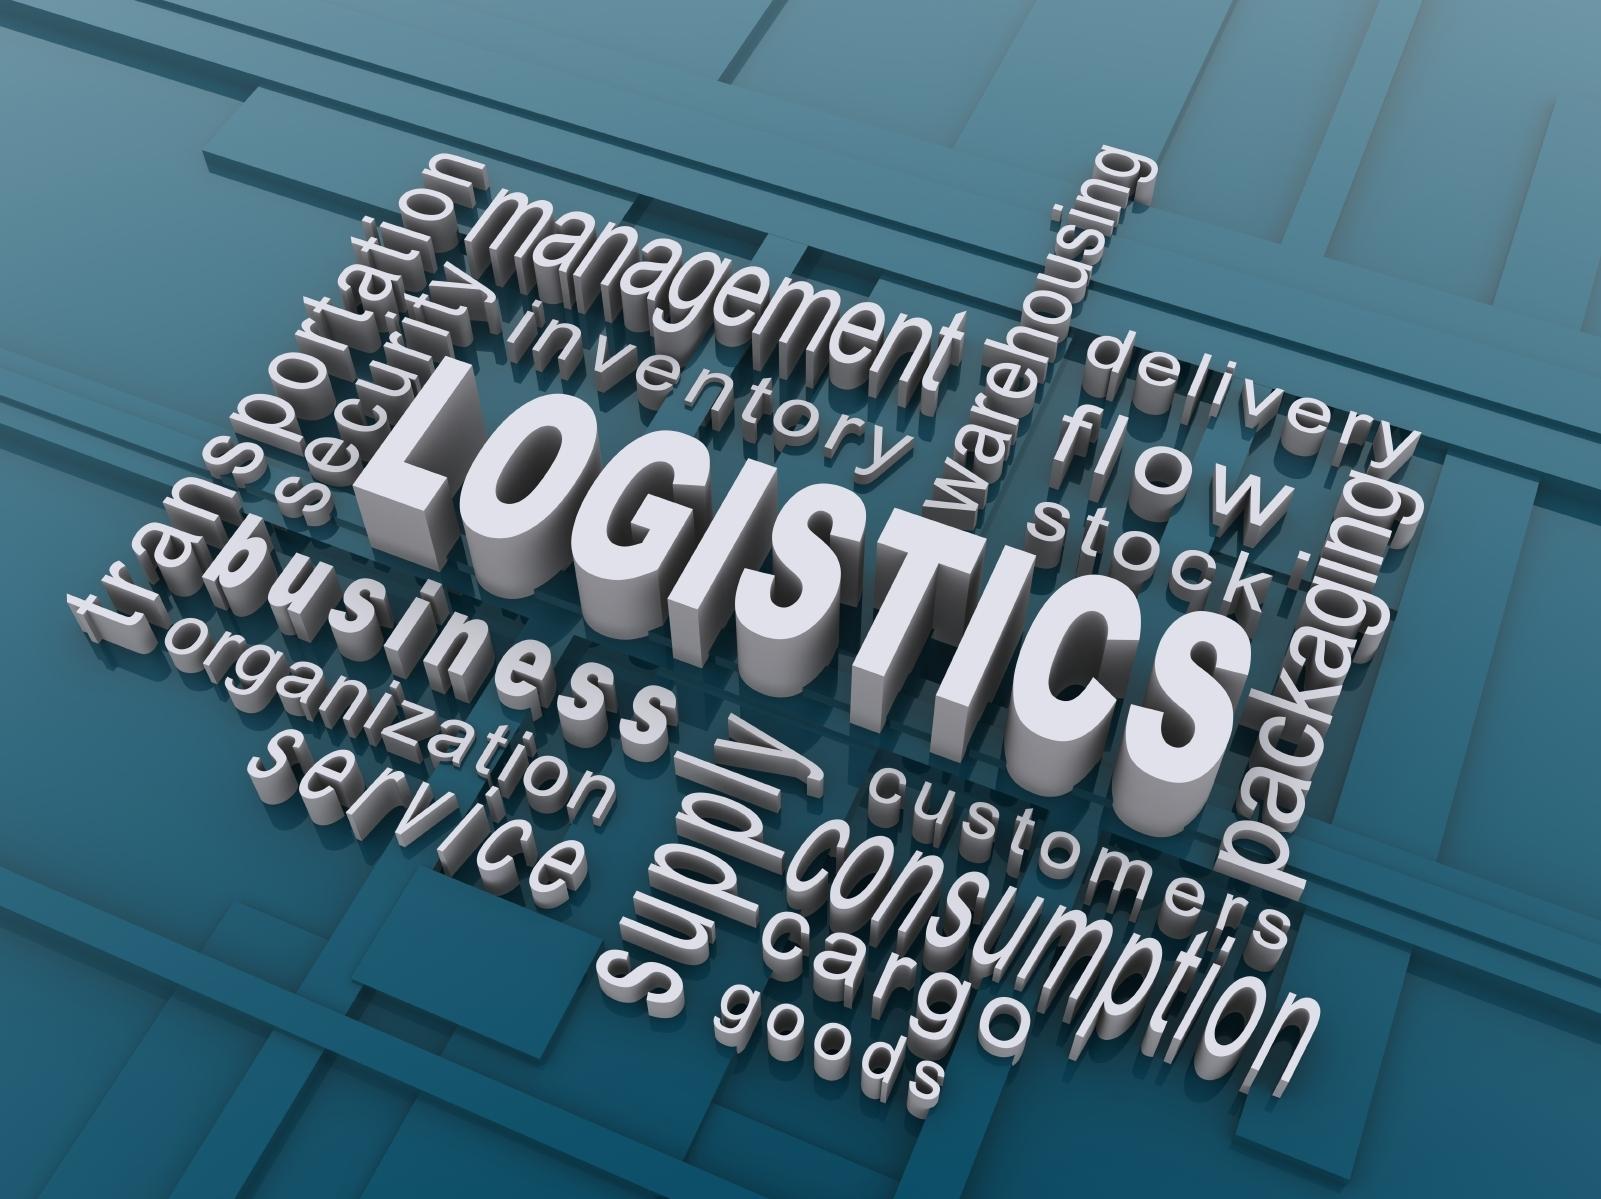 showme5 logistics words